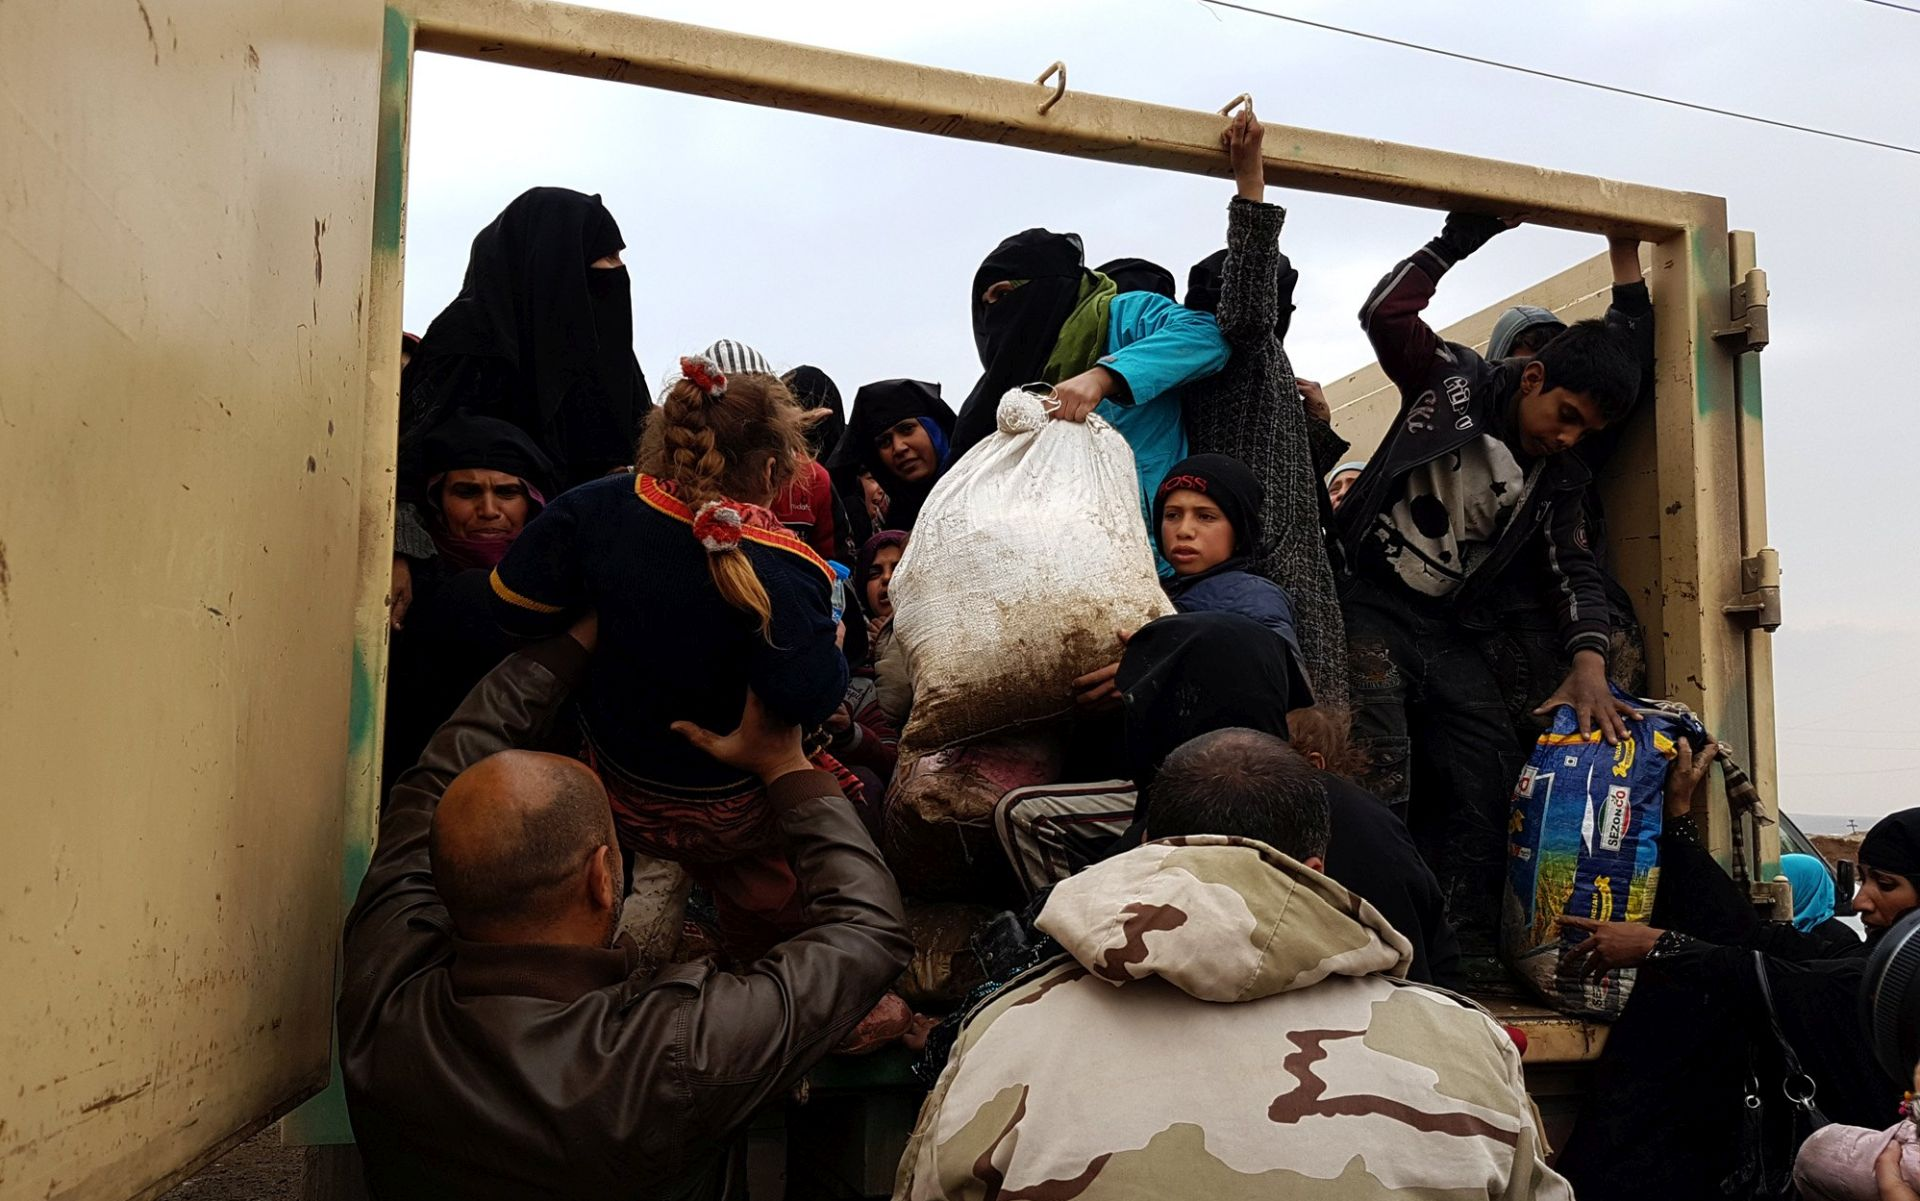 Iračke snage kontroliraju više od trećine zapadnog Mosula